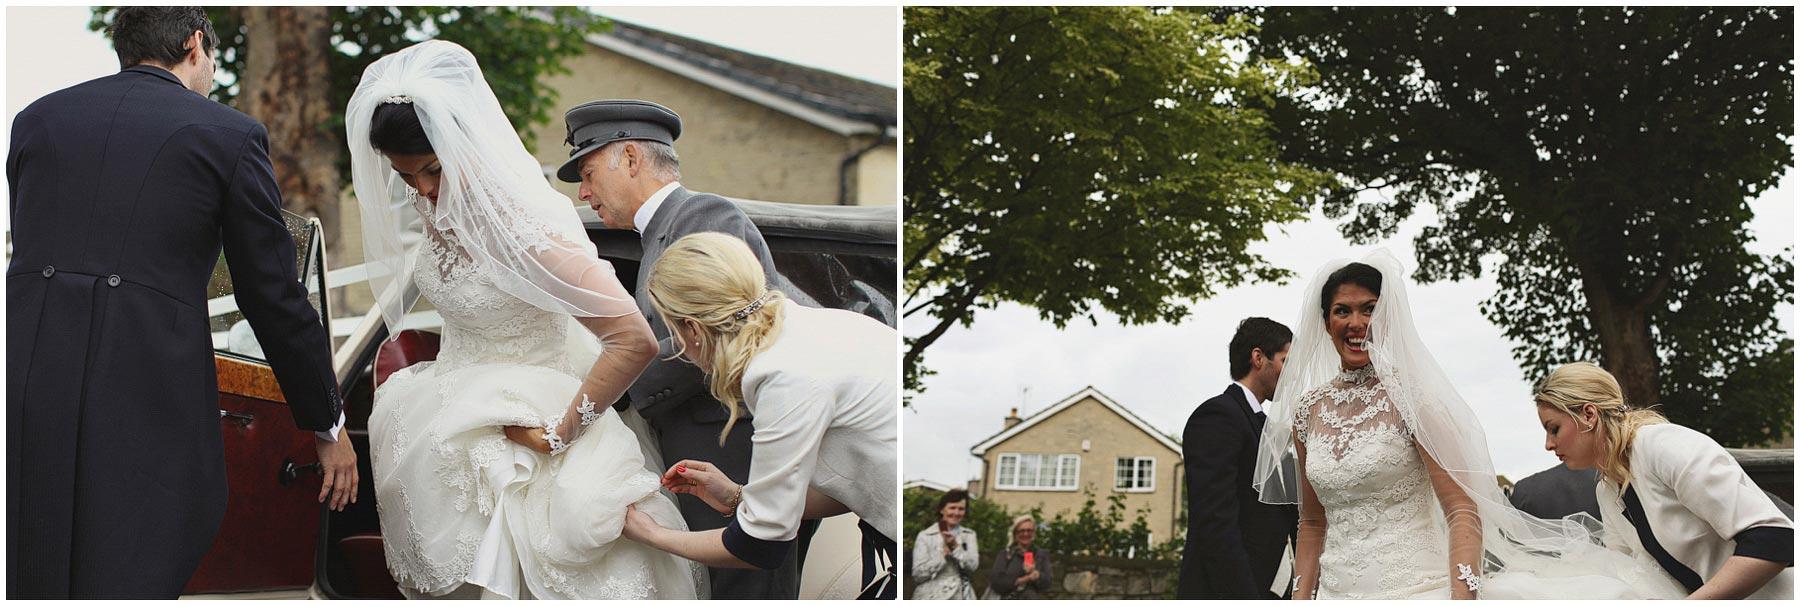 Wentbridge-House-Wedding-Photography-70